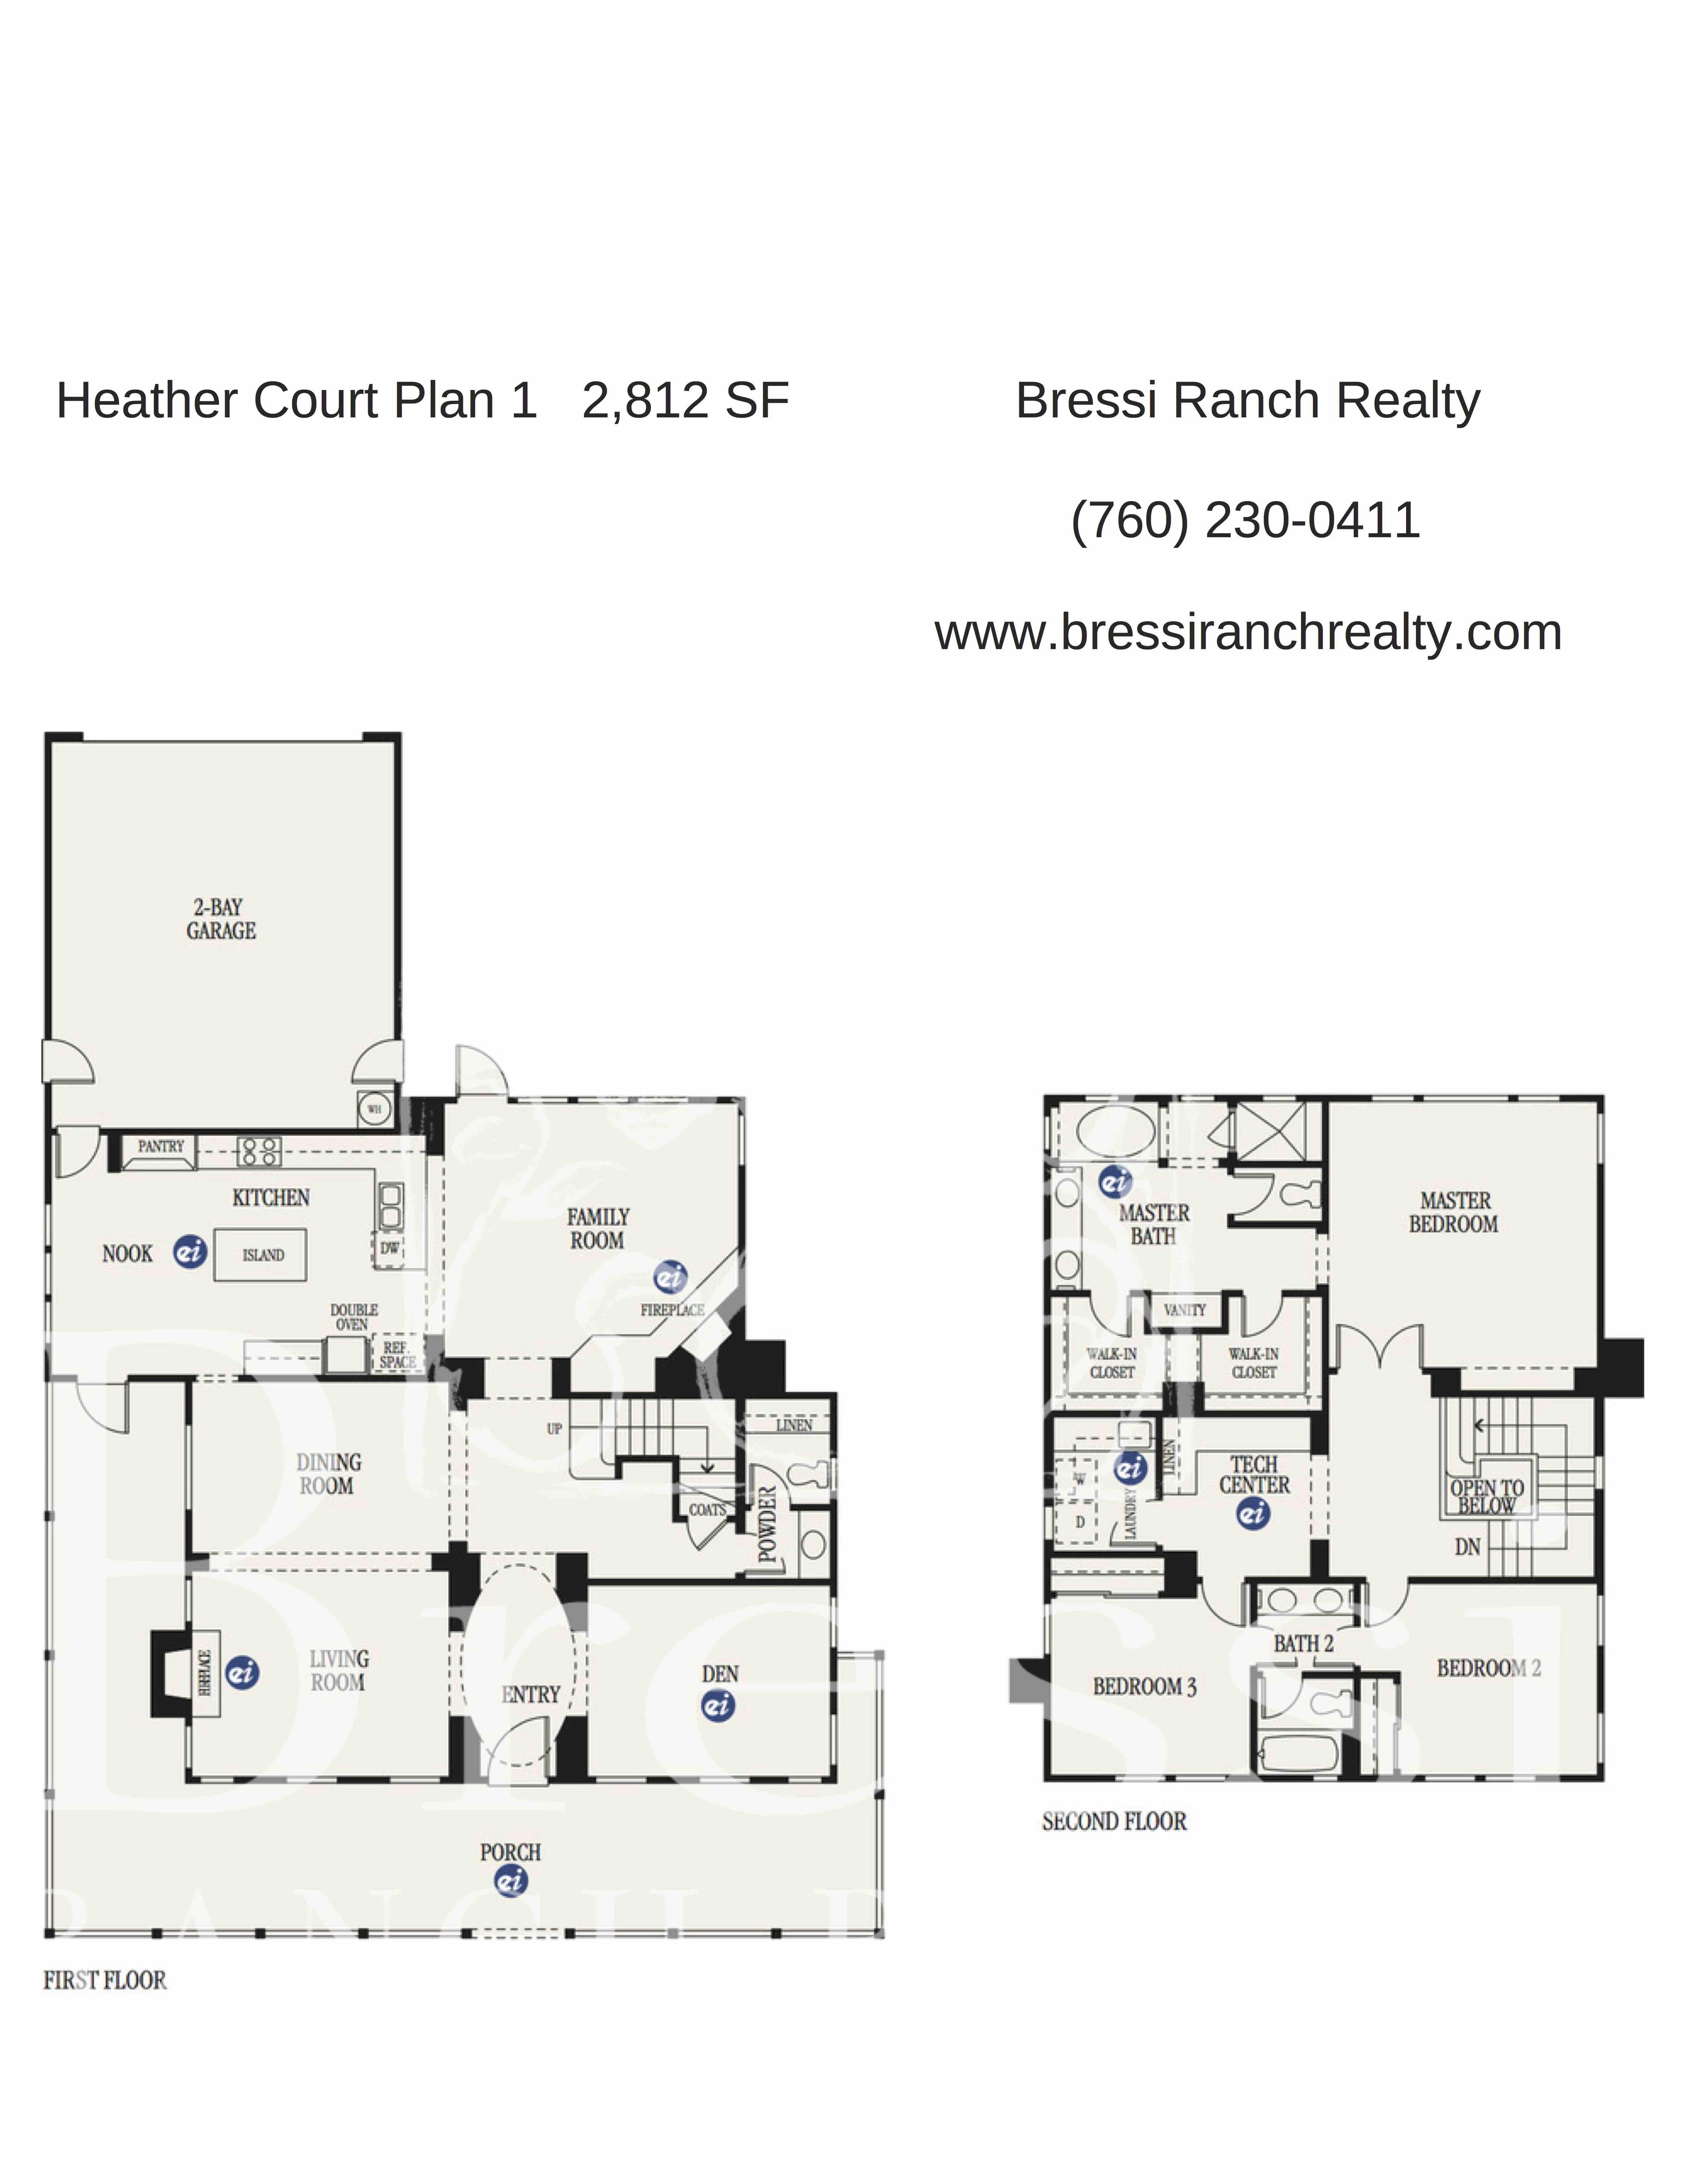 Heather Court Plan 1 Bressi Ranch